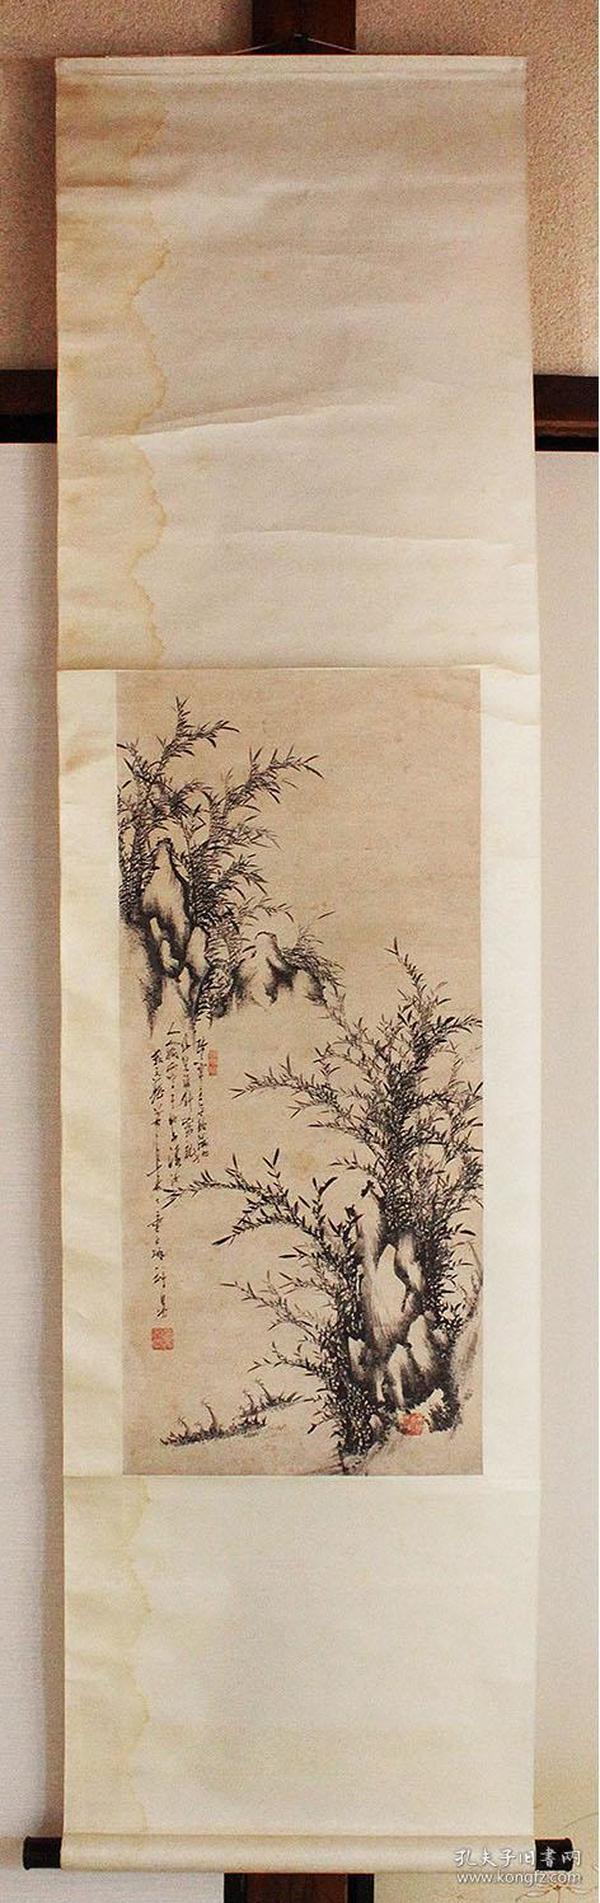 清代著名画家 湖南平江人 童文炳《竹石图》纸本立轴  文物公司旧裱